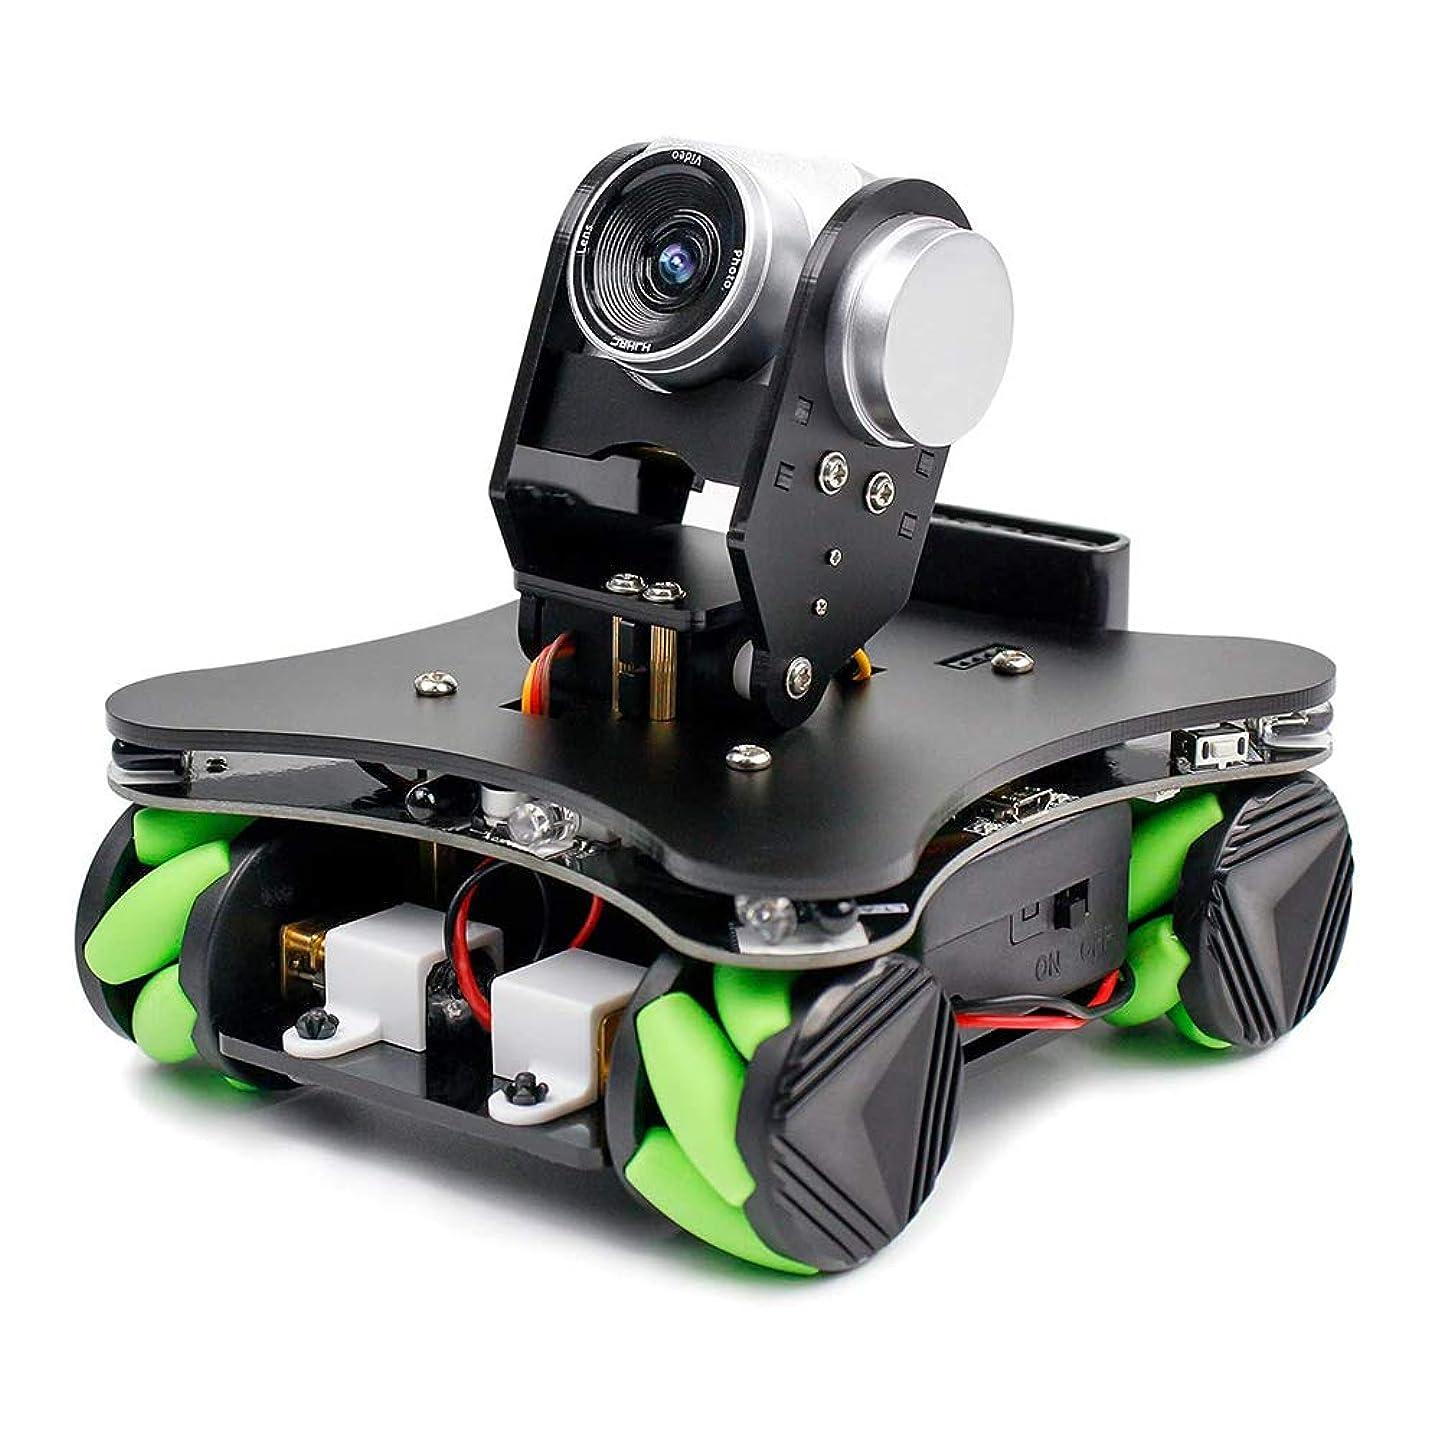 恐れ文字通り振り子KKmoon スマートロボットキット カメラDIY 4WDオムニメカナムホイール 教育用 電動ロボットプログラミング学習者用